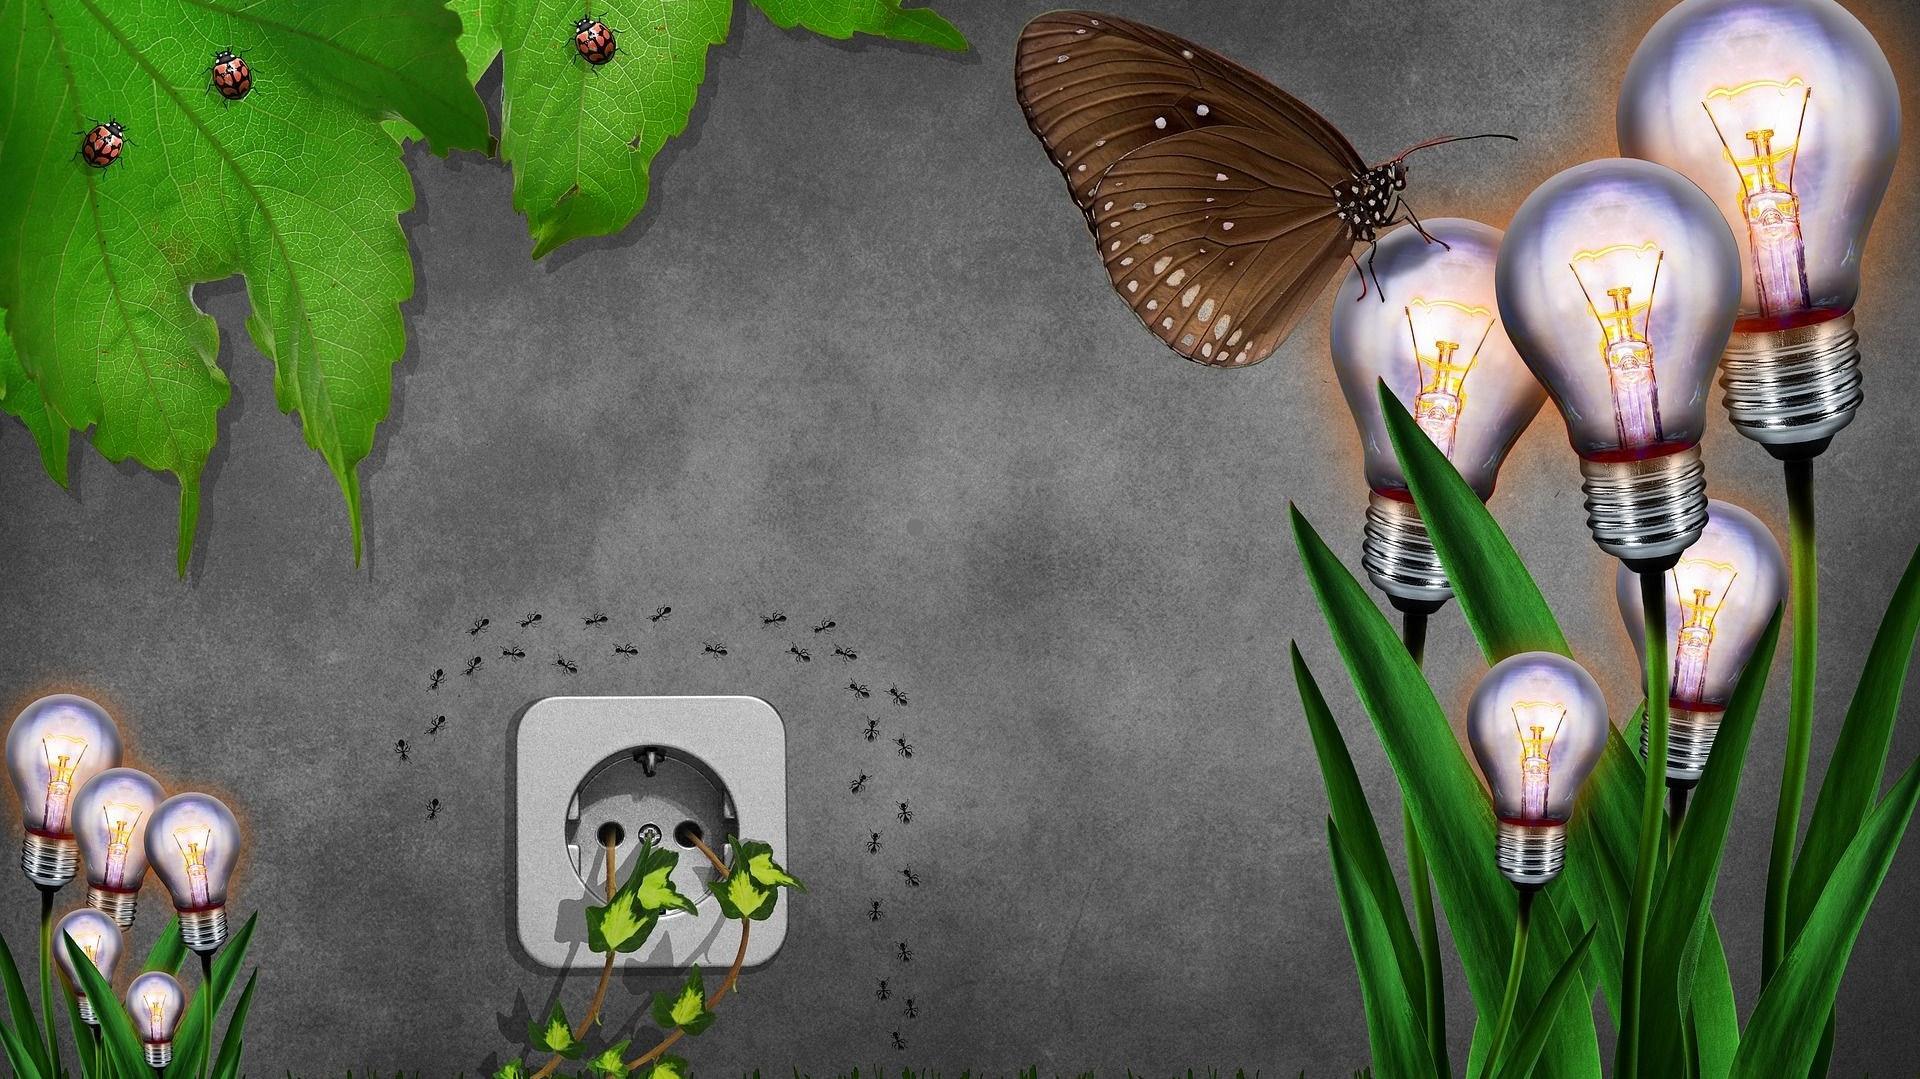 Damit den Dinklagern ein Licht aufgeht: Das Quartierskonzept soll Möglichkeiten aufzeigen, wie sich in älteren Gebäuden und Wohngebieten Energie sparen lässt. Foto: Pixabay